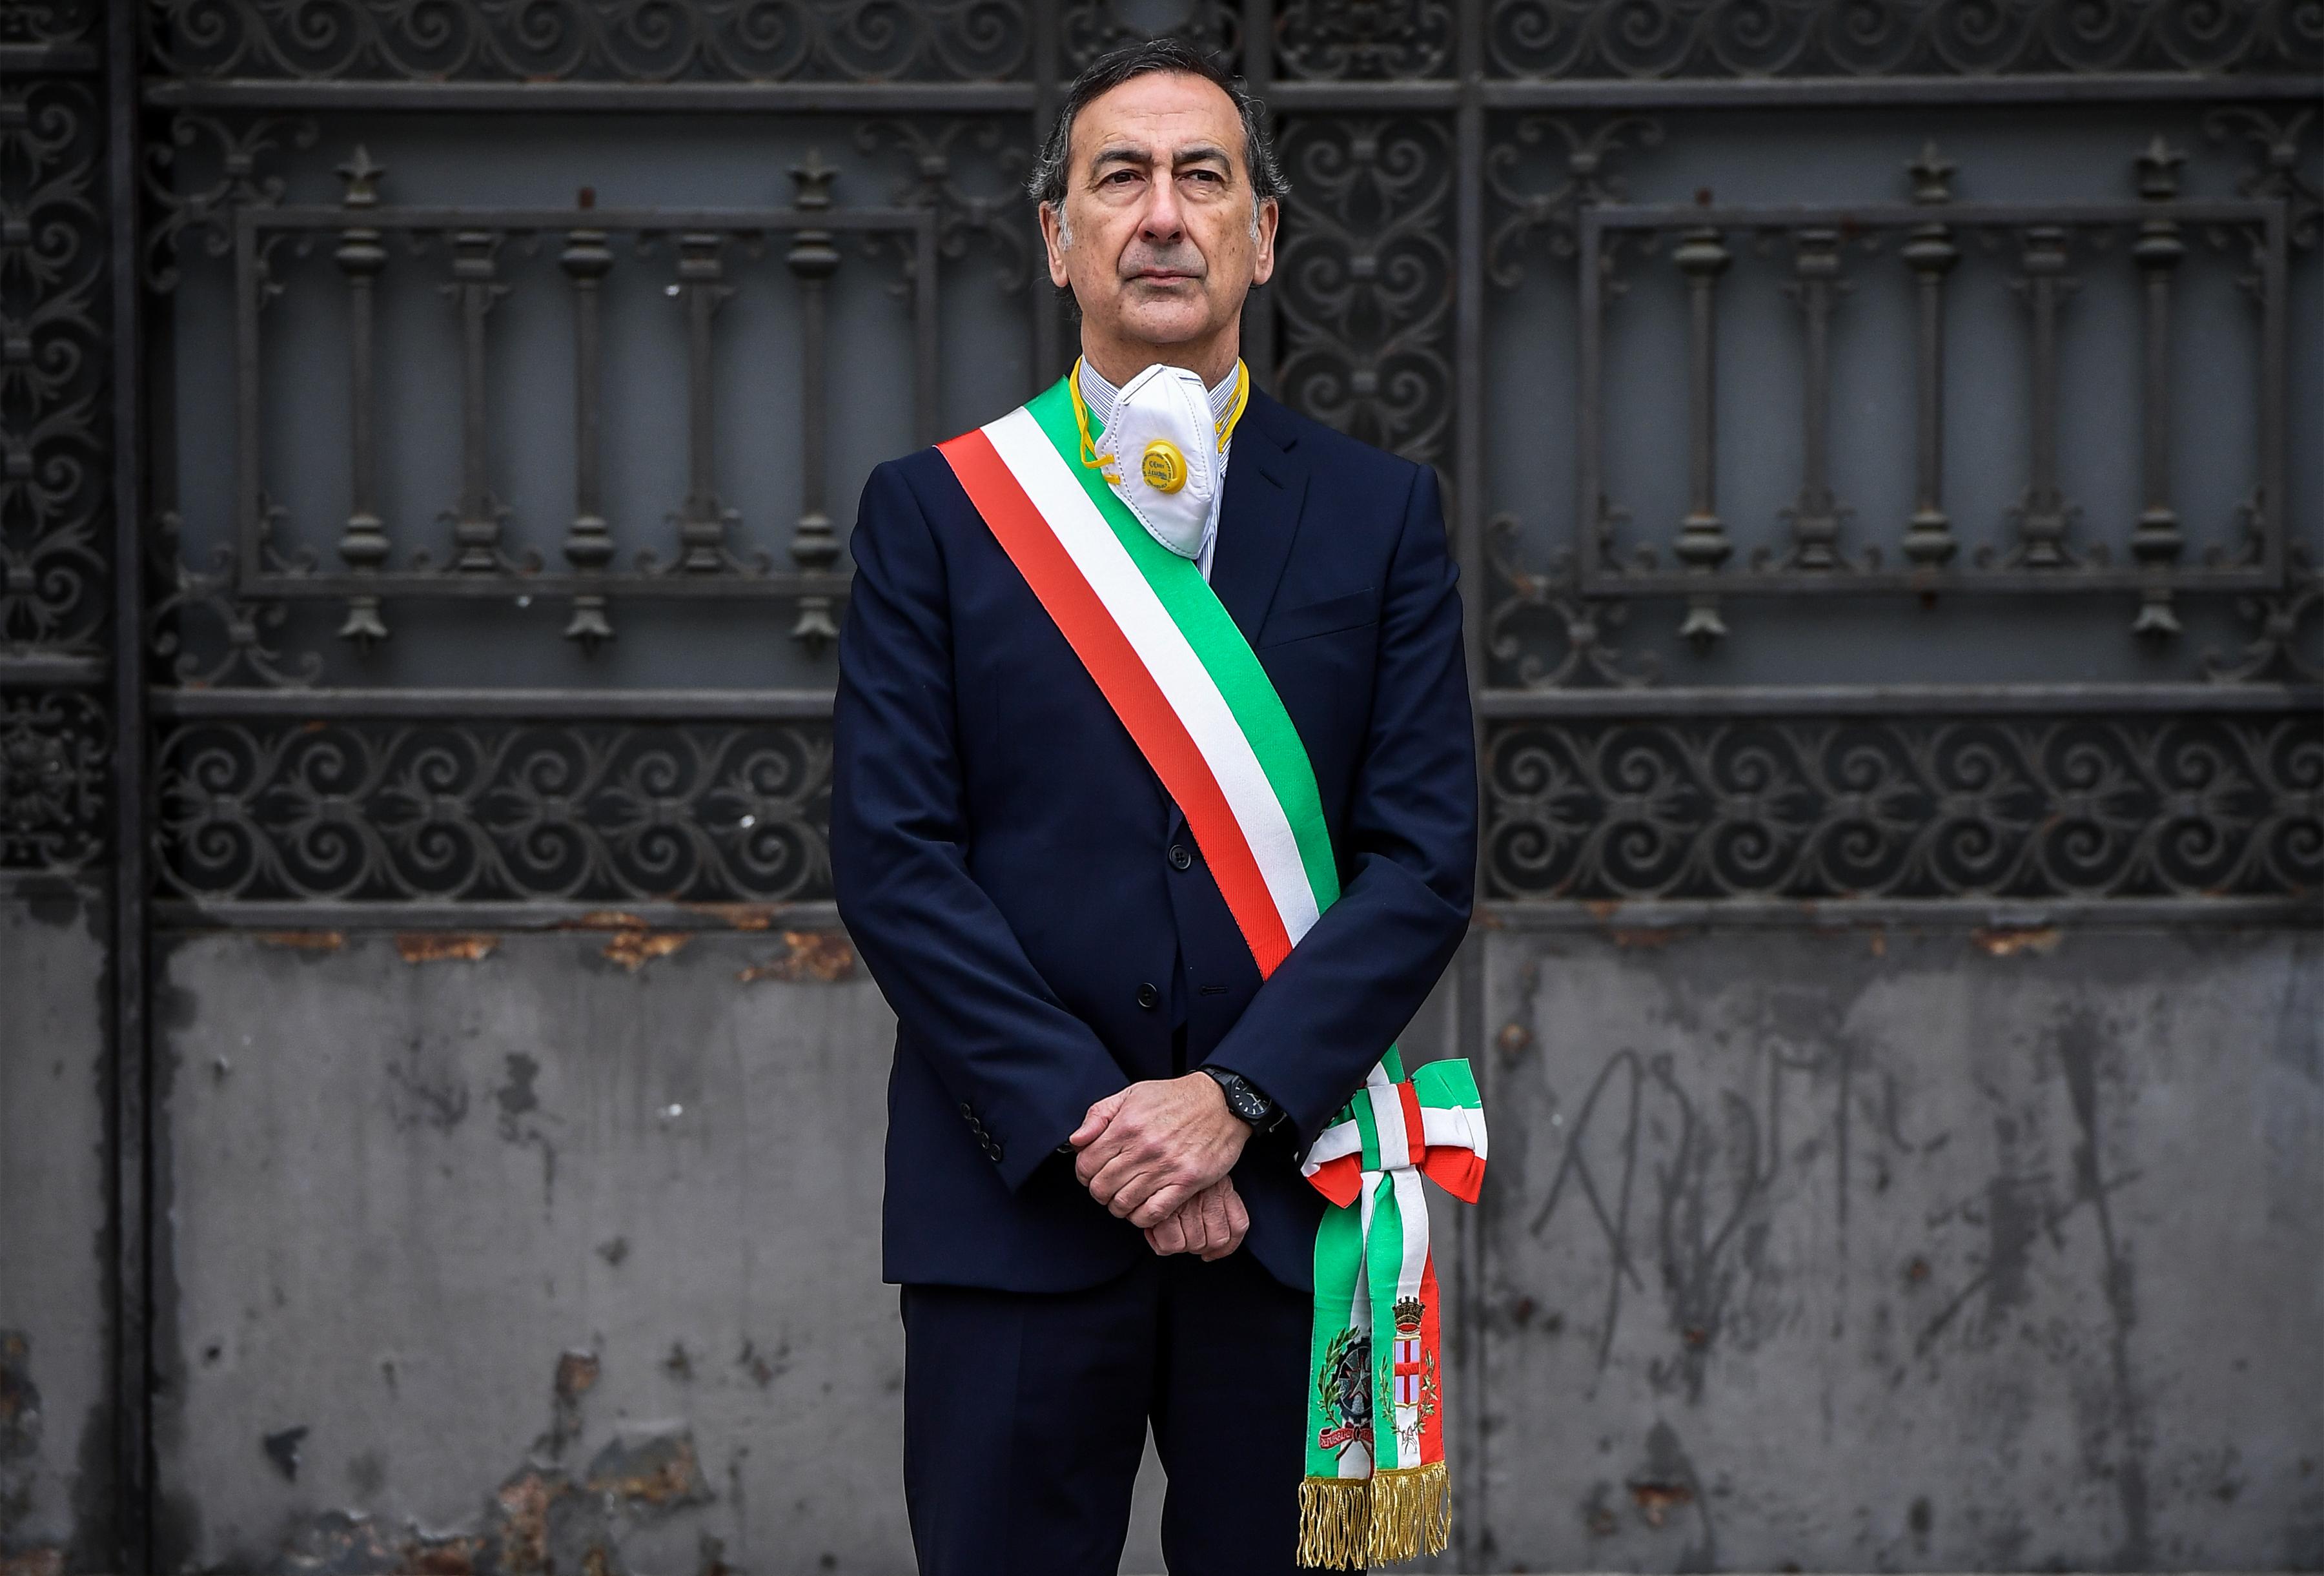 El alcalde de Milán Giuseppe Sala (Miguel MEDINA / AFP)